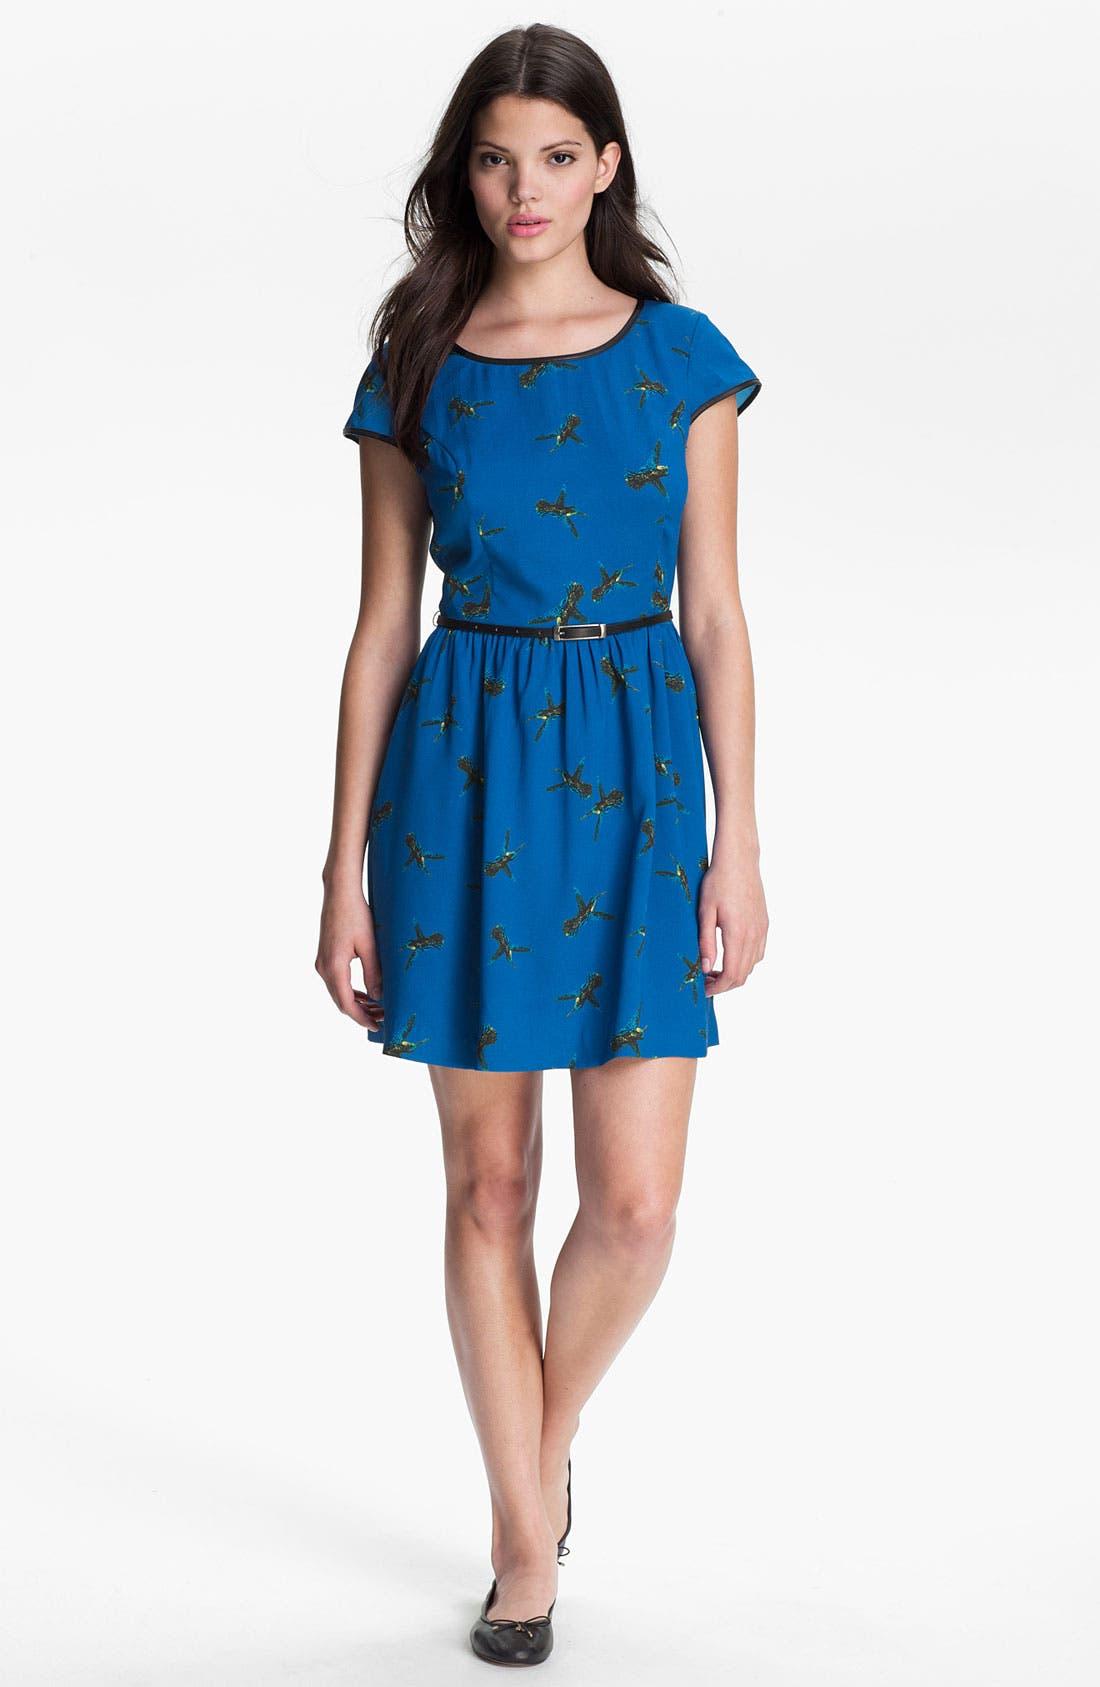 Alternate Image 1 Selected - Kensie 'Flying Hummingbird' Dress